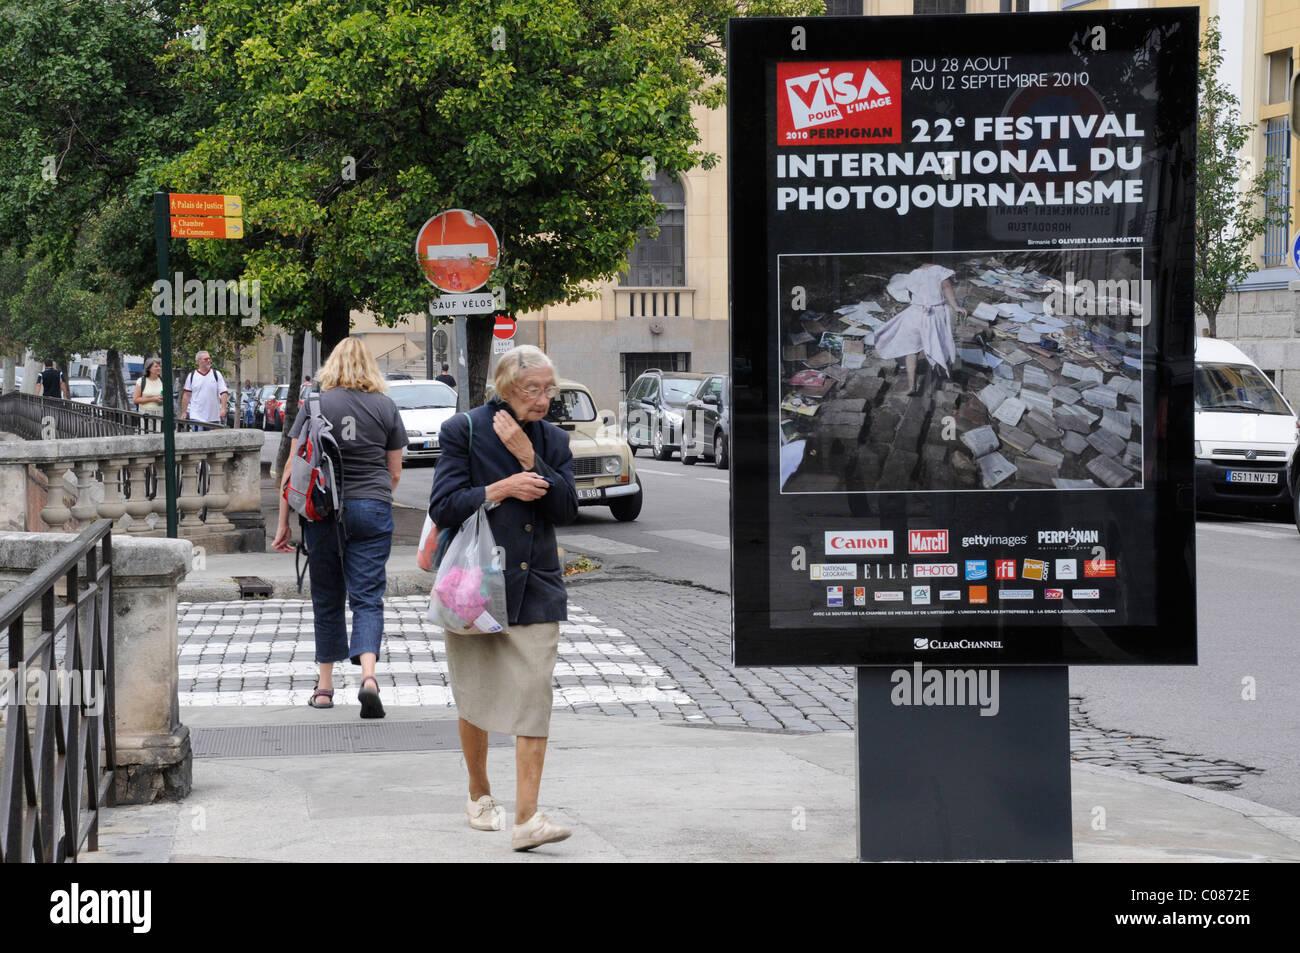 Une vieille dame passe une annonce photographique pour une photo festival en France, Perpignan. Visa pour l'image. Photo Stock